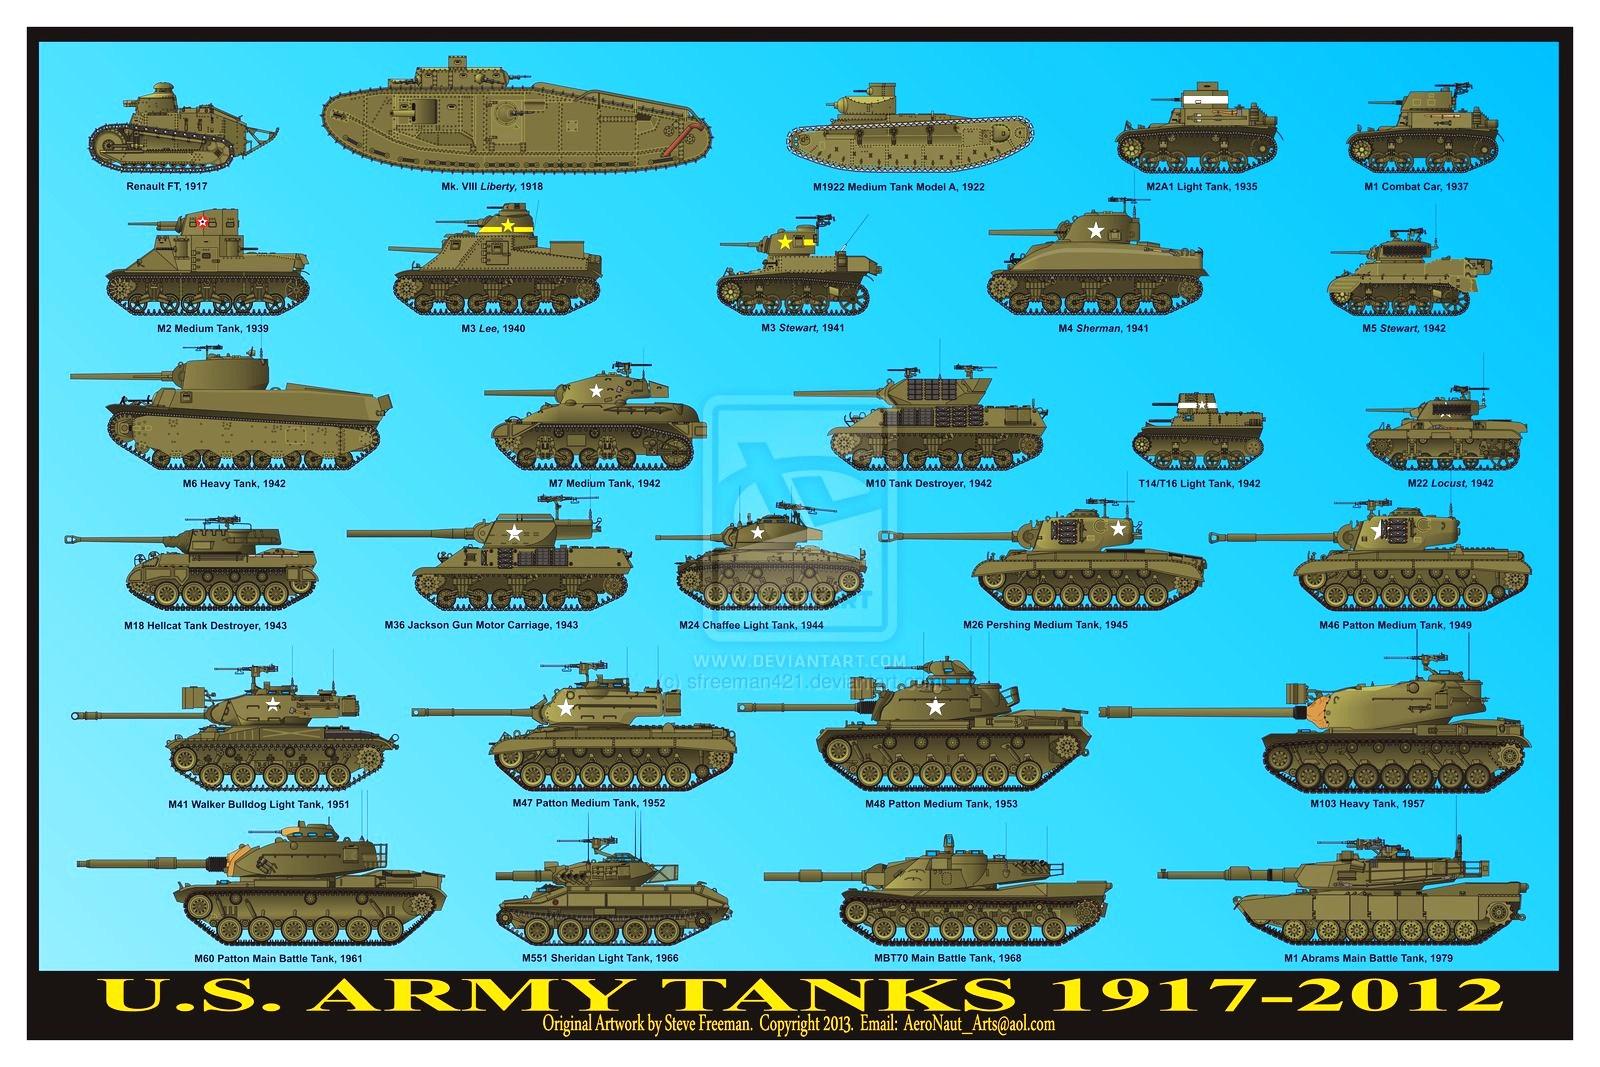 все русские танки названия и картинки получить